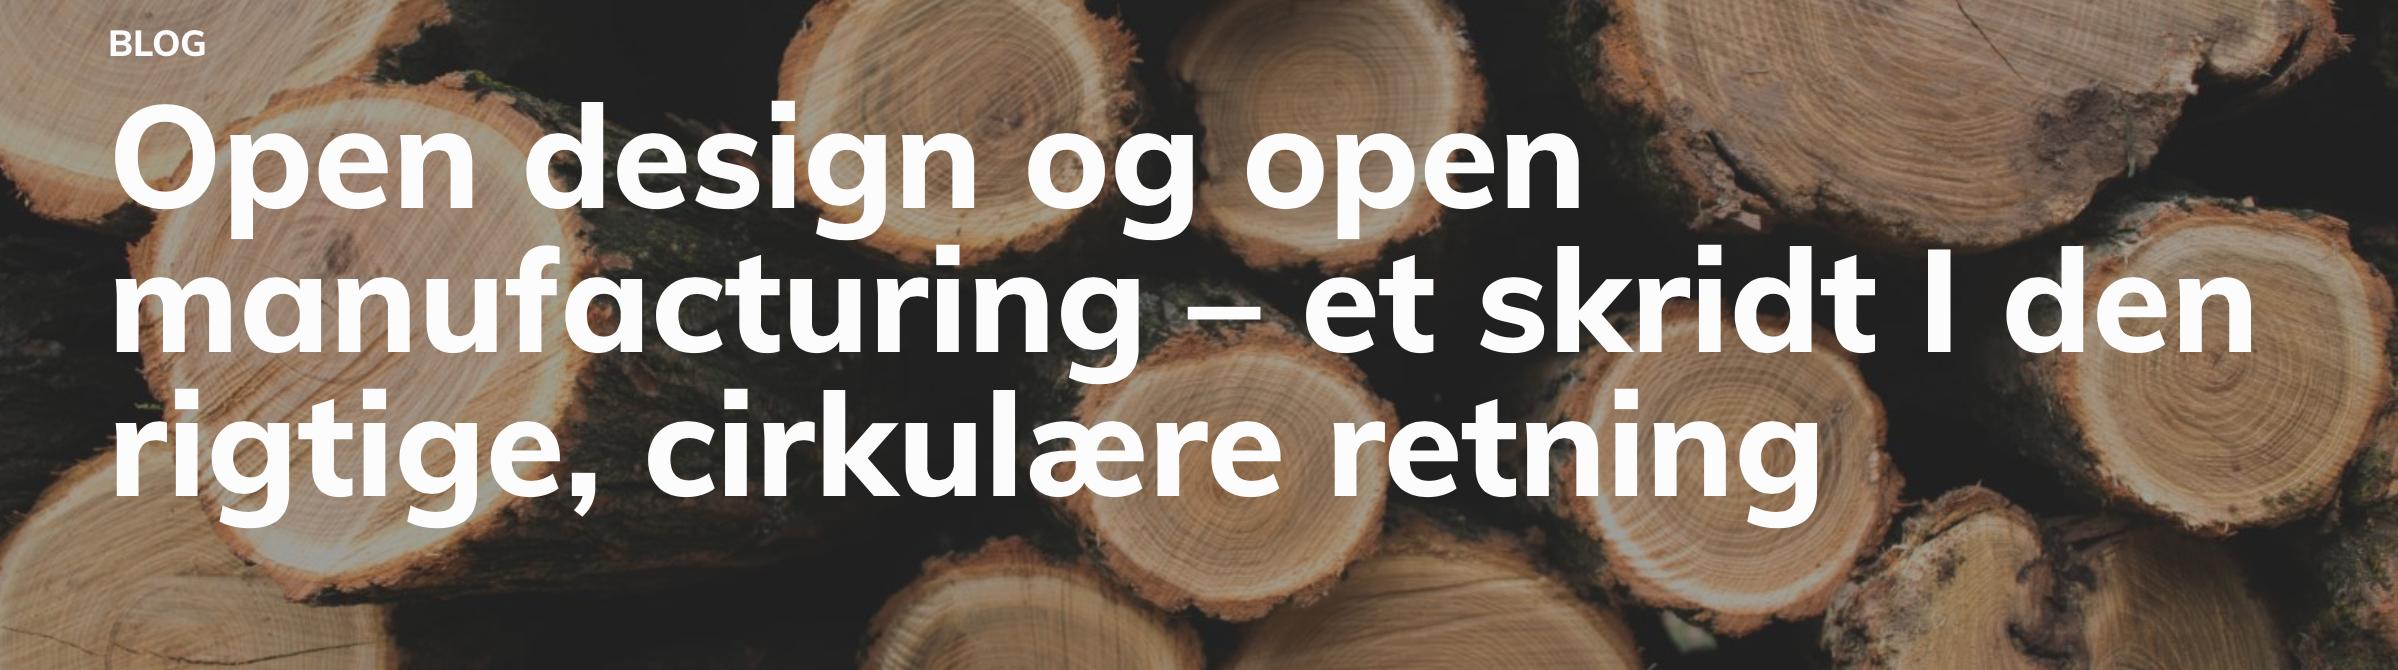 Open design and manufacturing et skridt I den rigtige cirkulære retning innovationlab